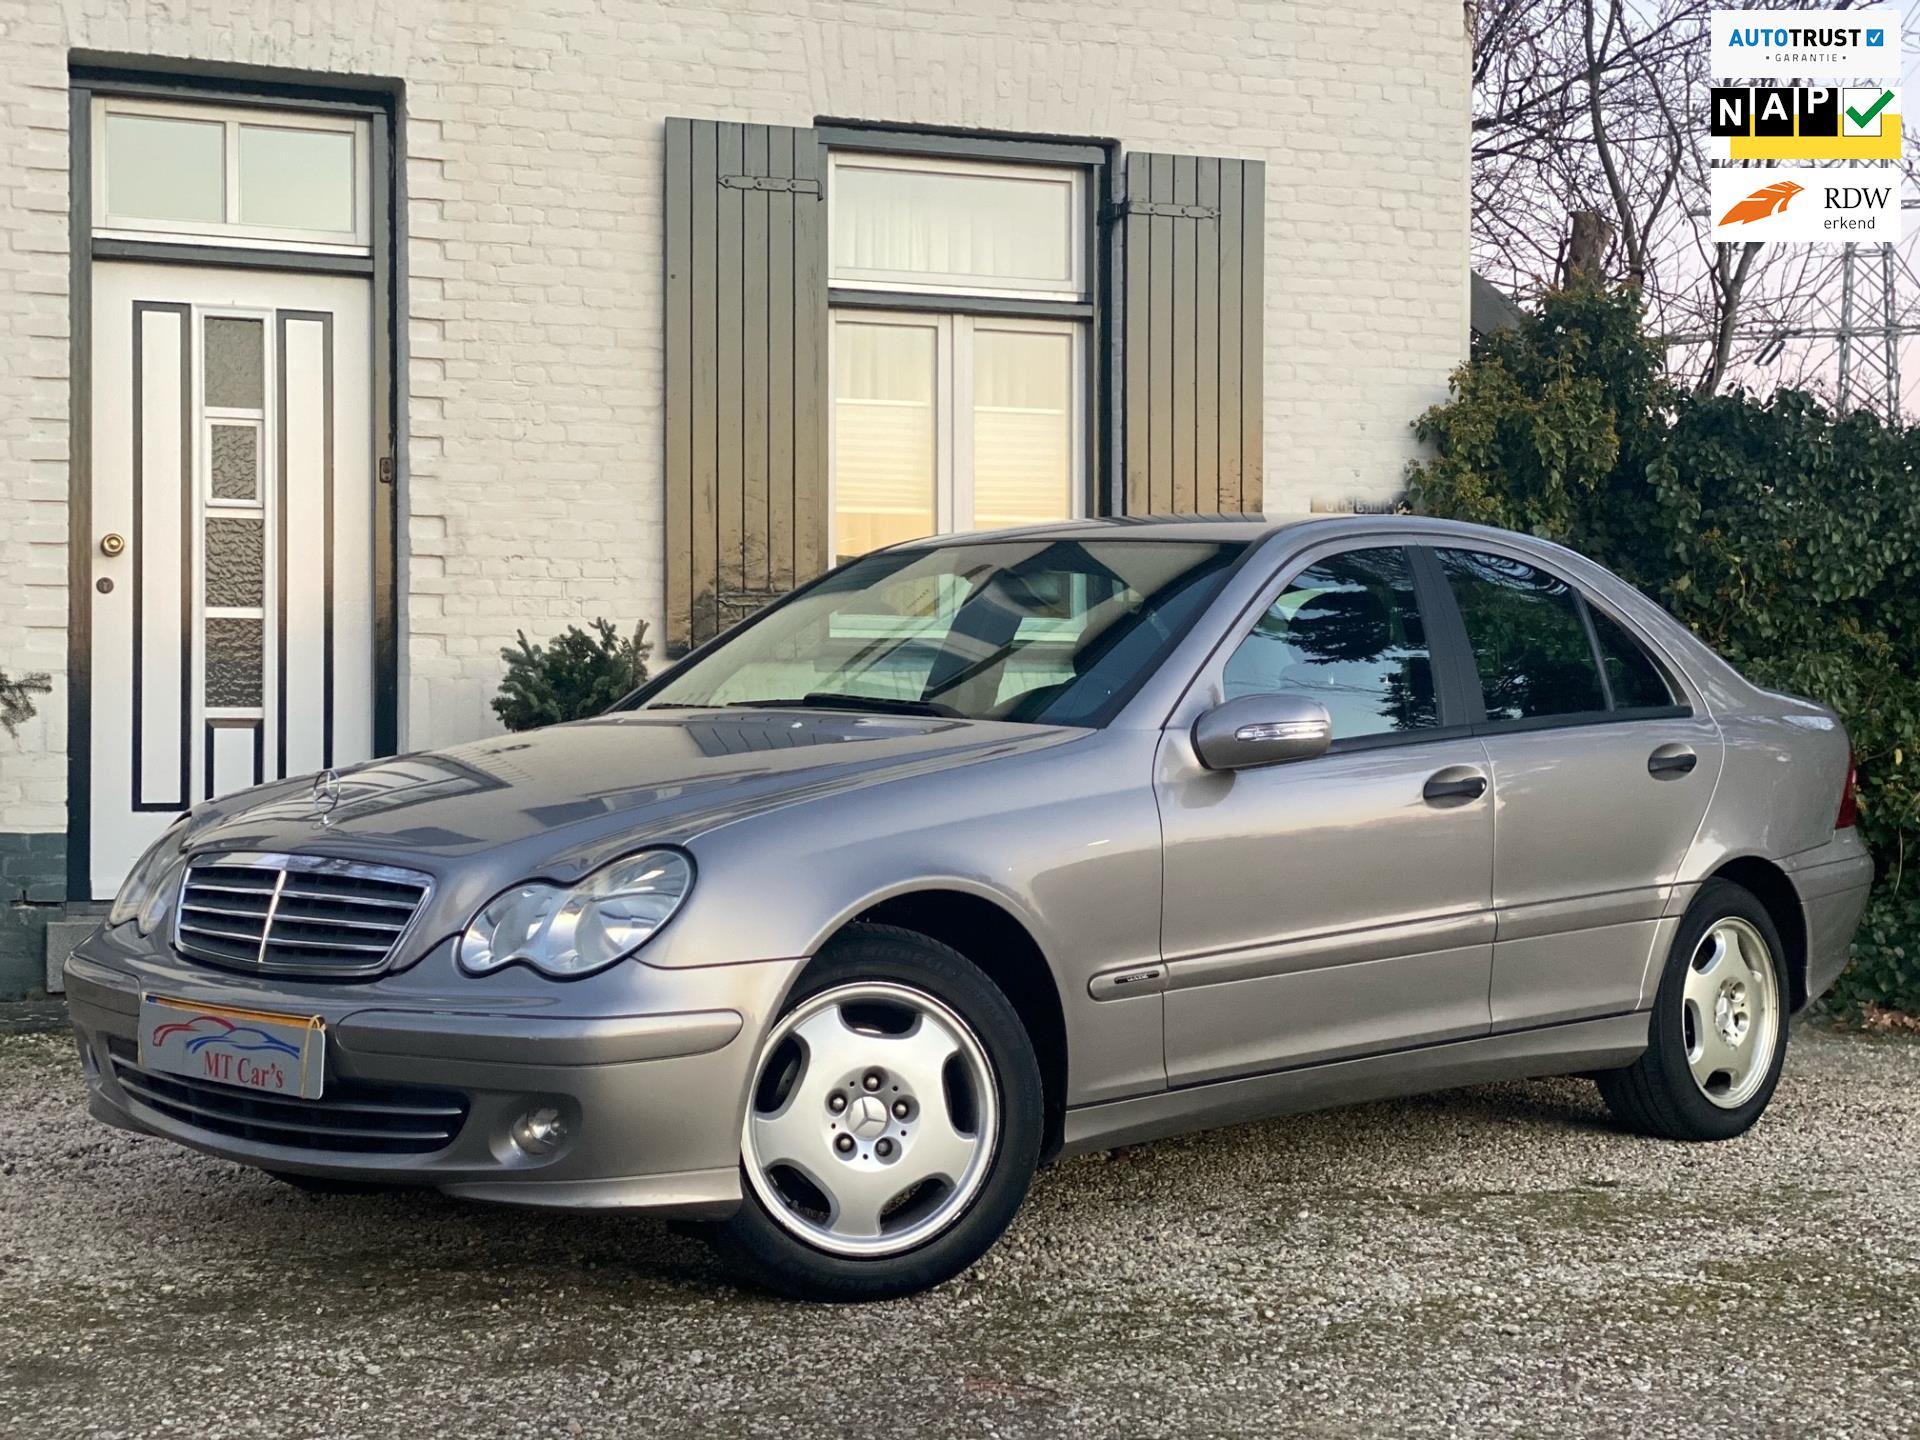 Mercedes-Benz C-klasse occasion - M.T.  Cars & Carcleaningcenter